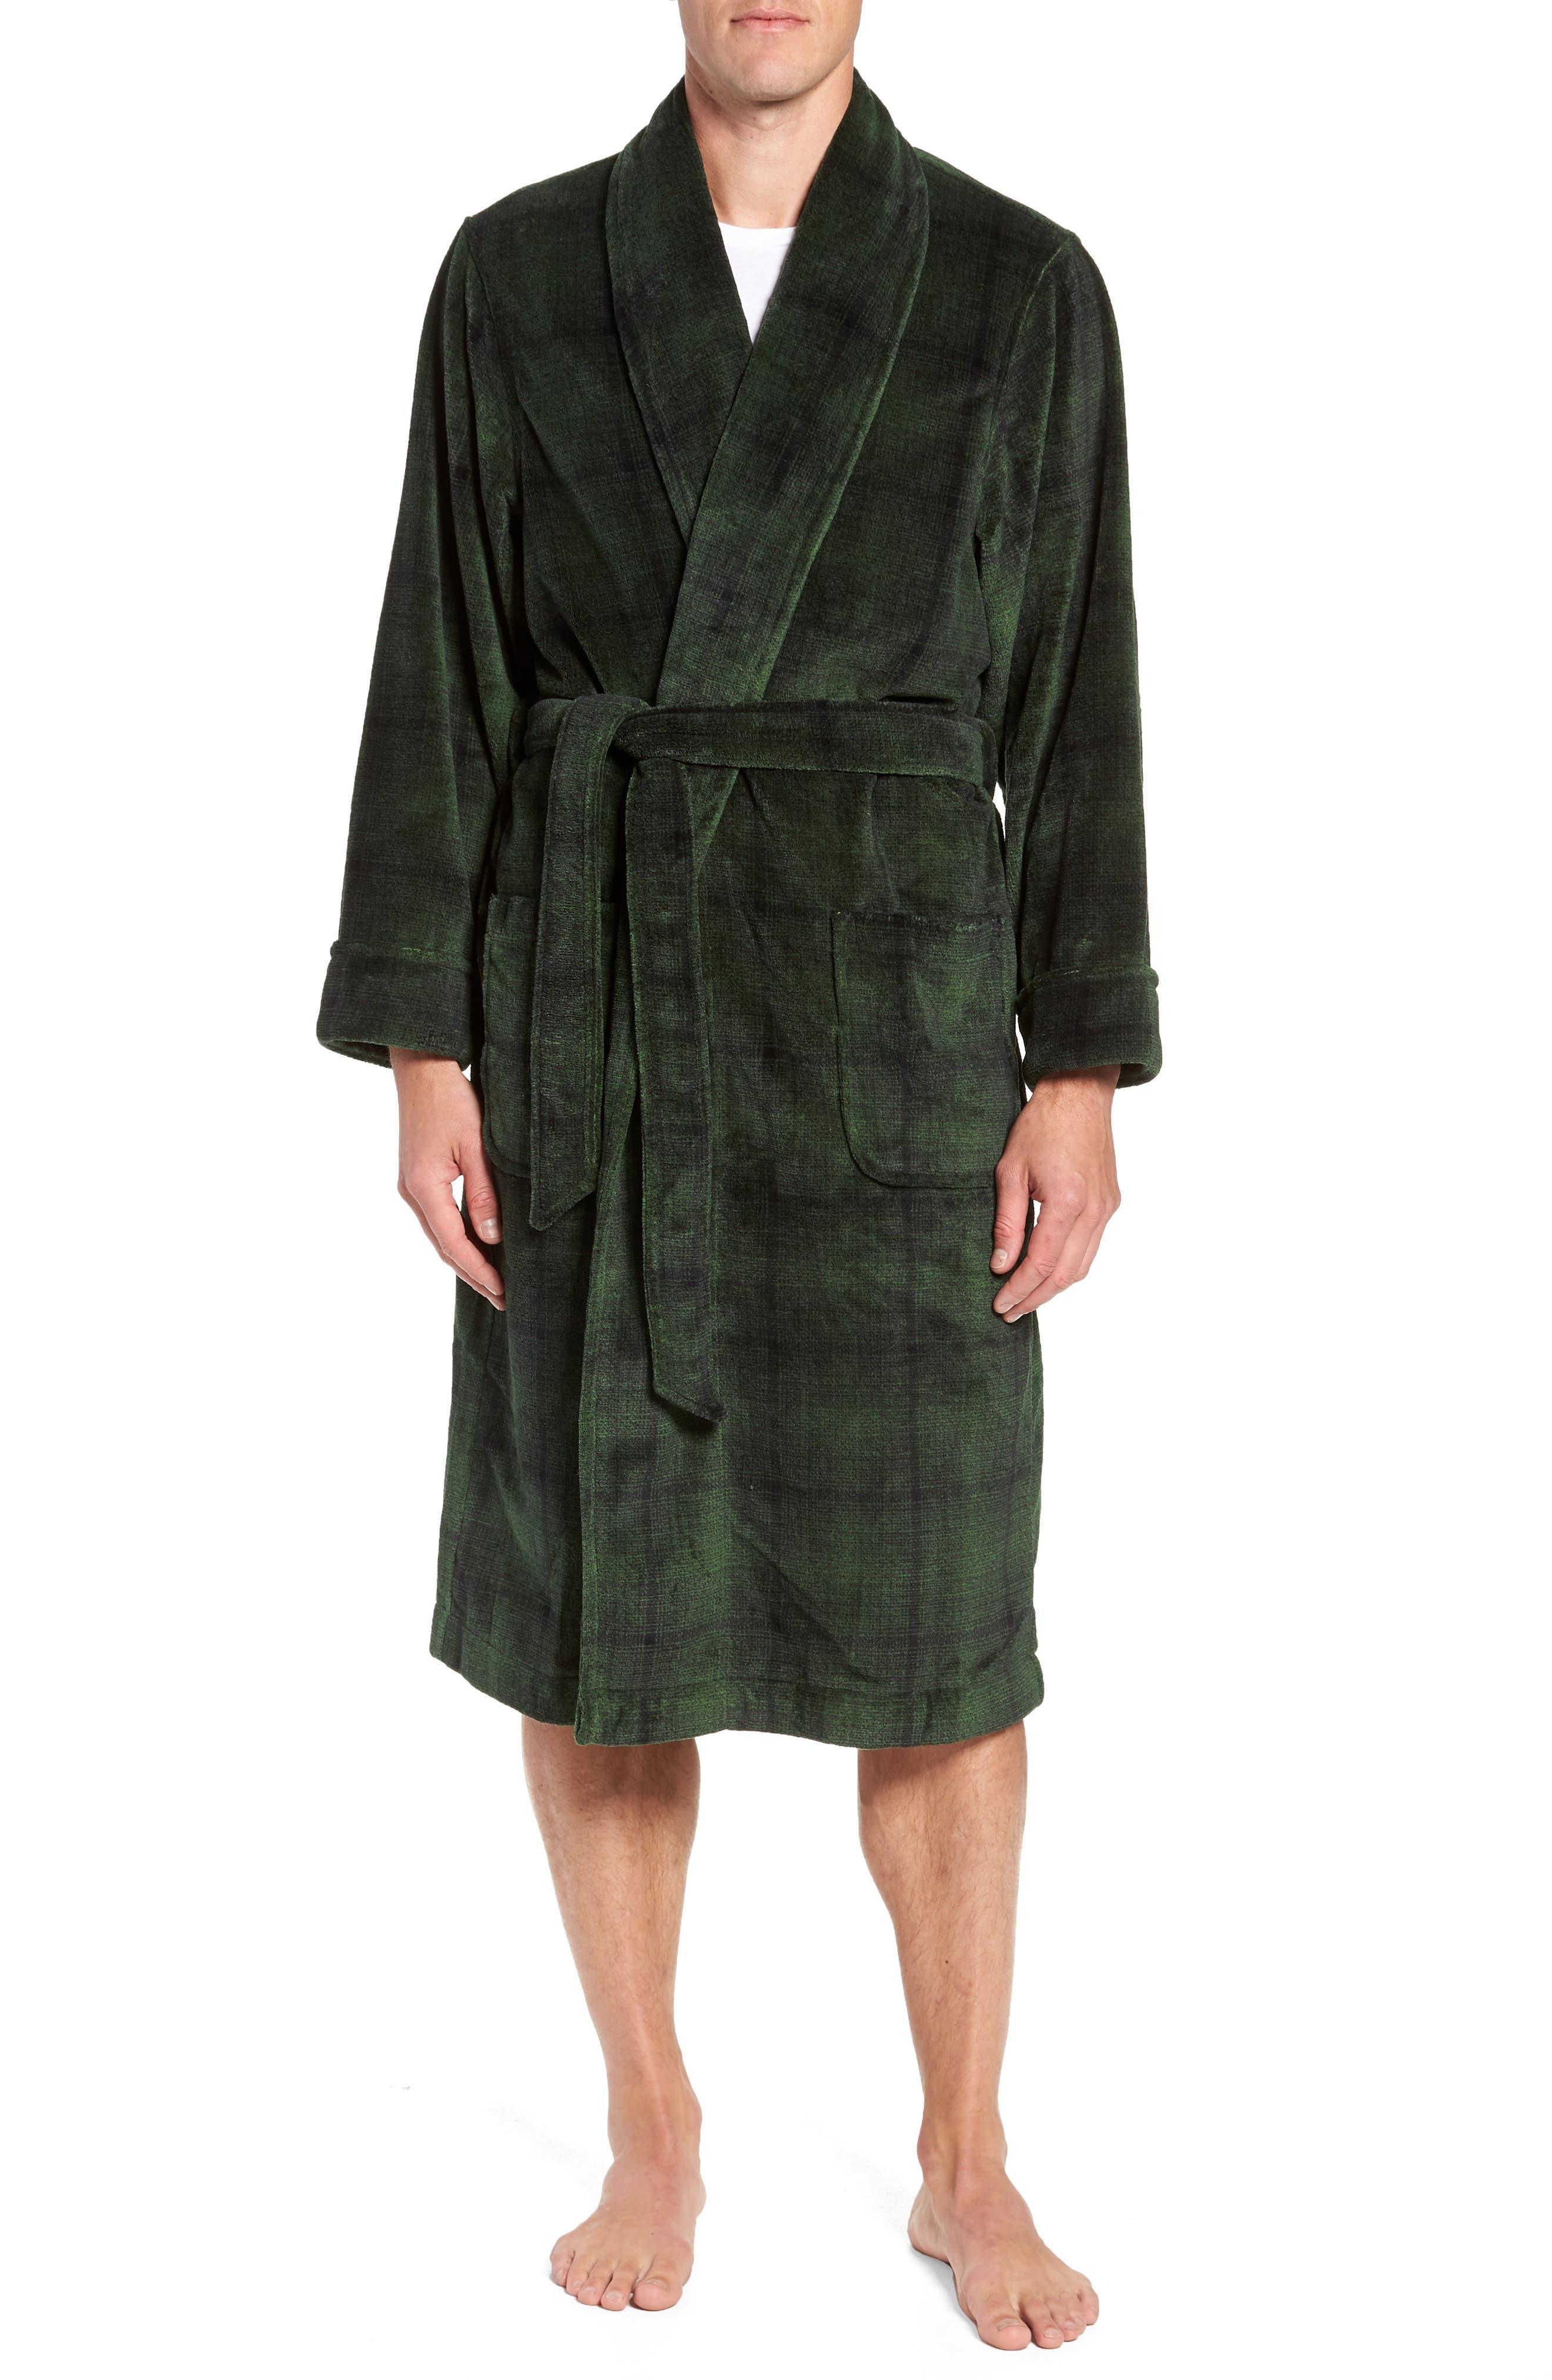 NORDSTROM MEN'S SHOP, Ombré Plaid Fleece Robe, Main thumbnail 1, color, GREEN - BLACK OMBRE PLAID